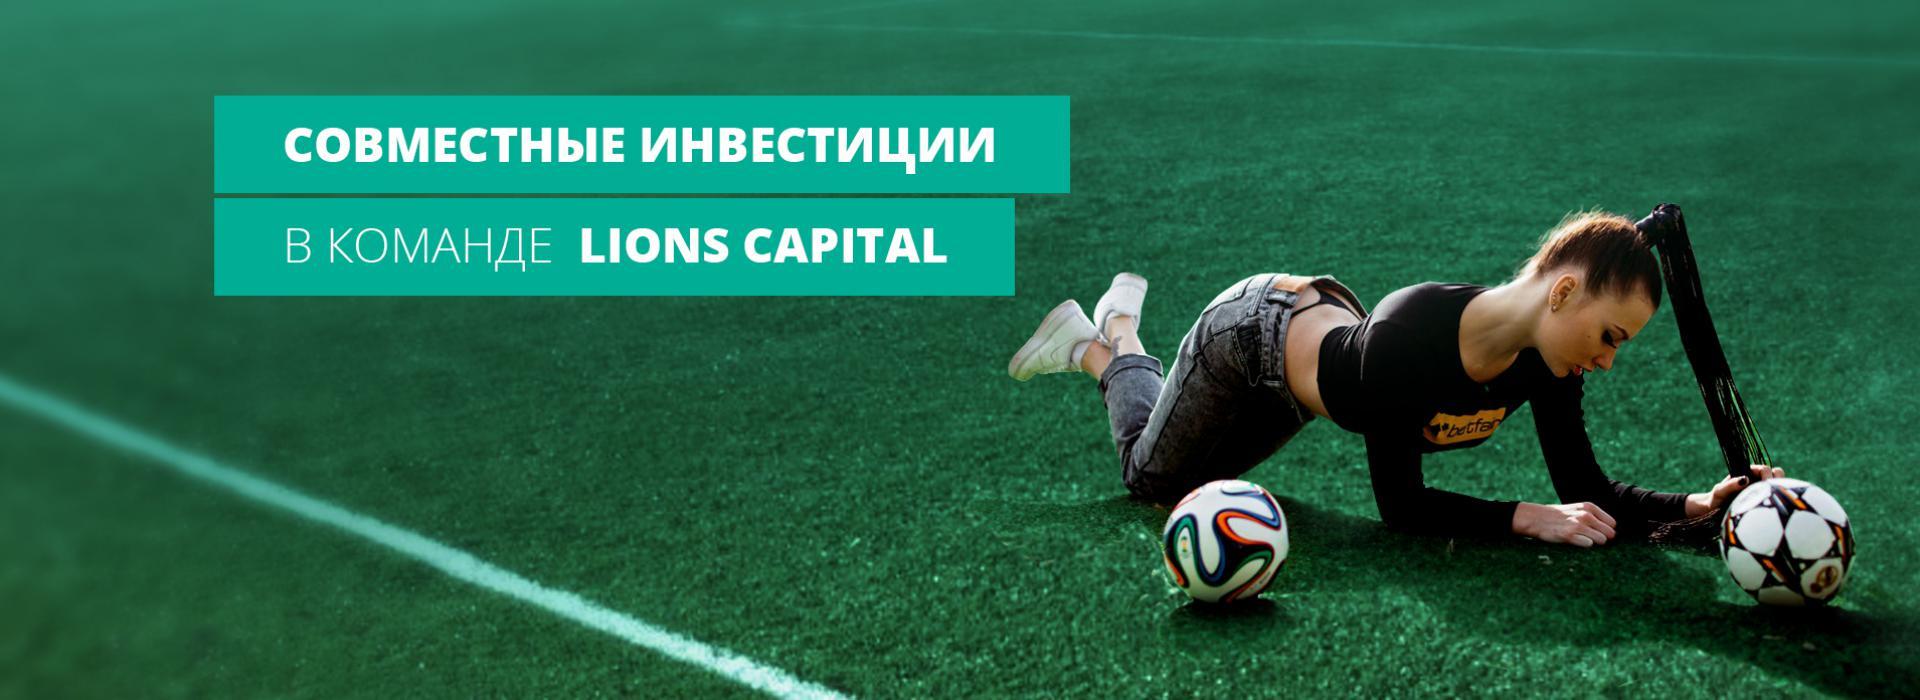 LIONS CAPITAL инвестиции в спорт